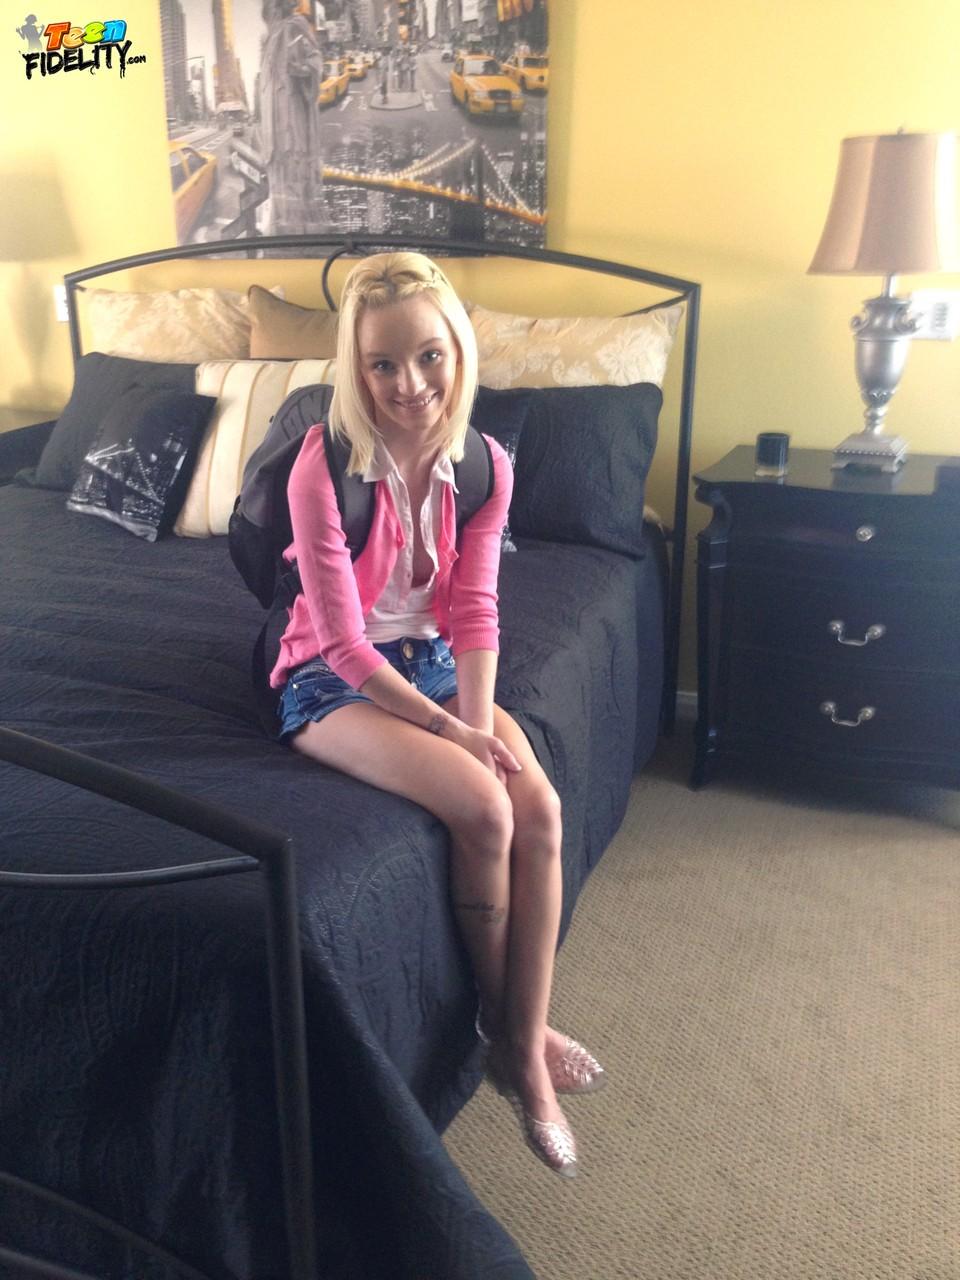 худая молодая блондинка в стрингах решила покататься на велике